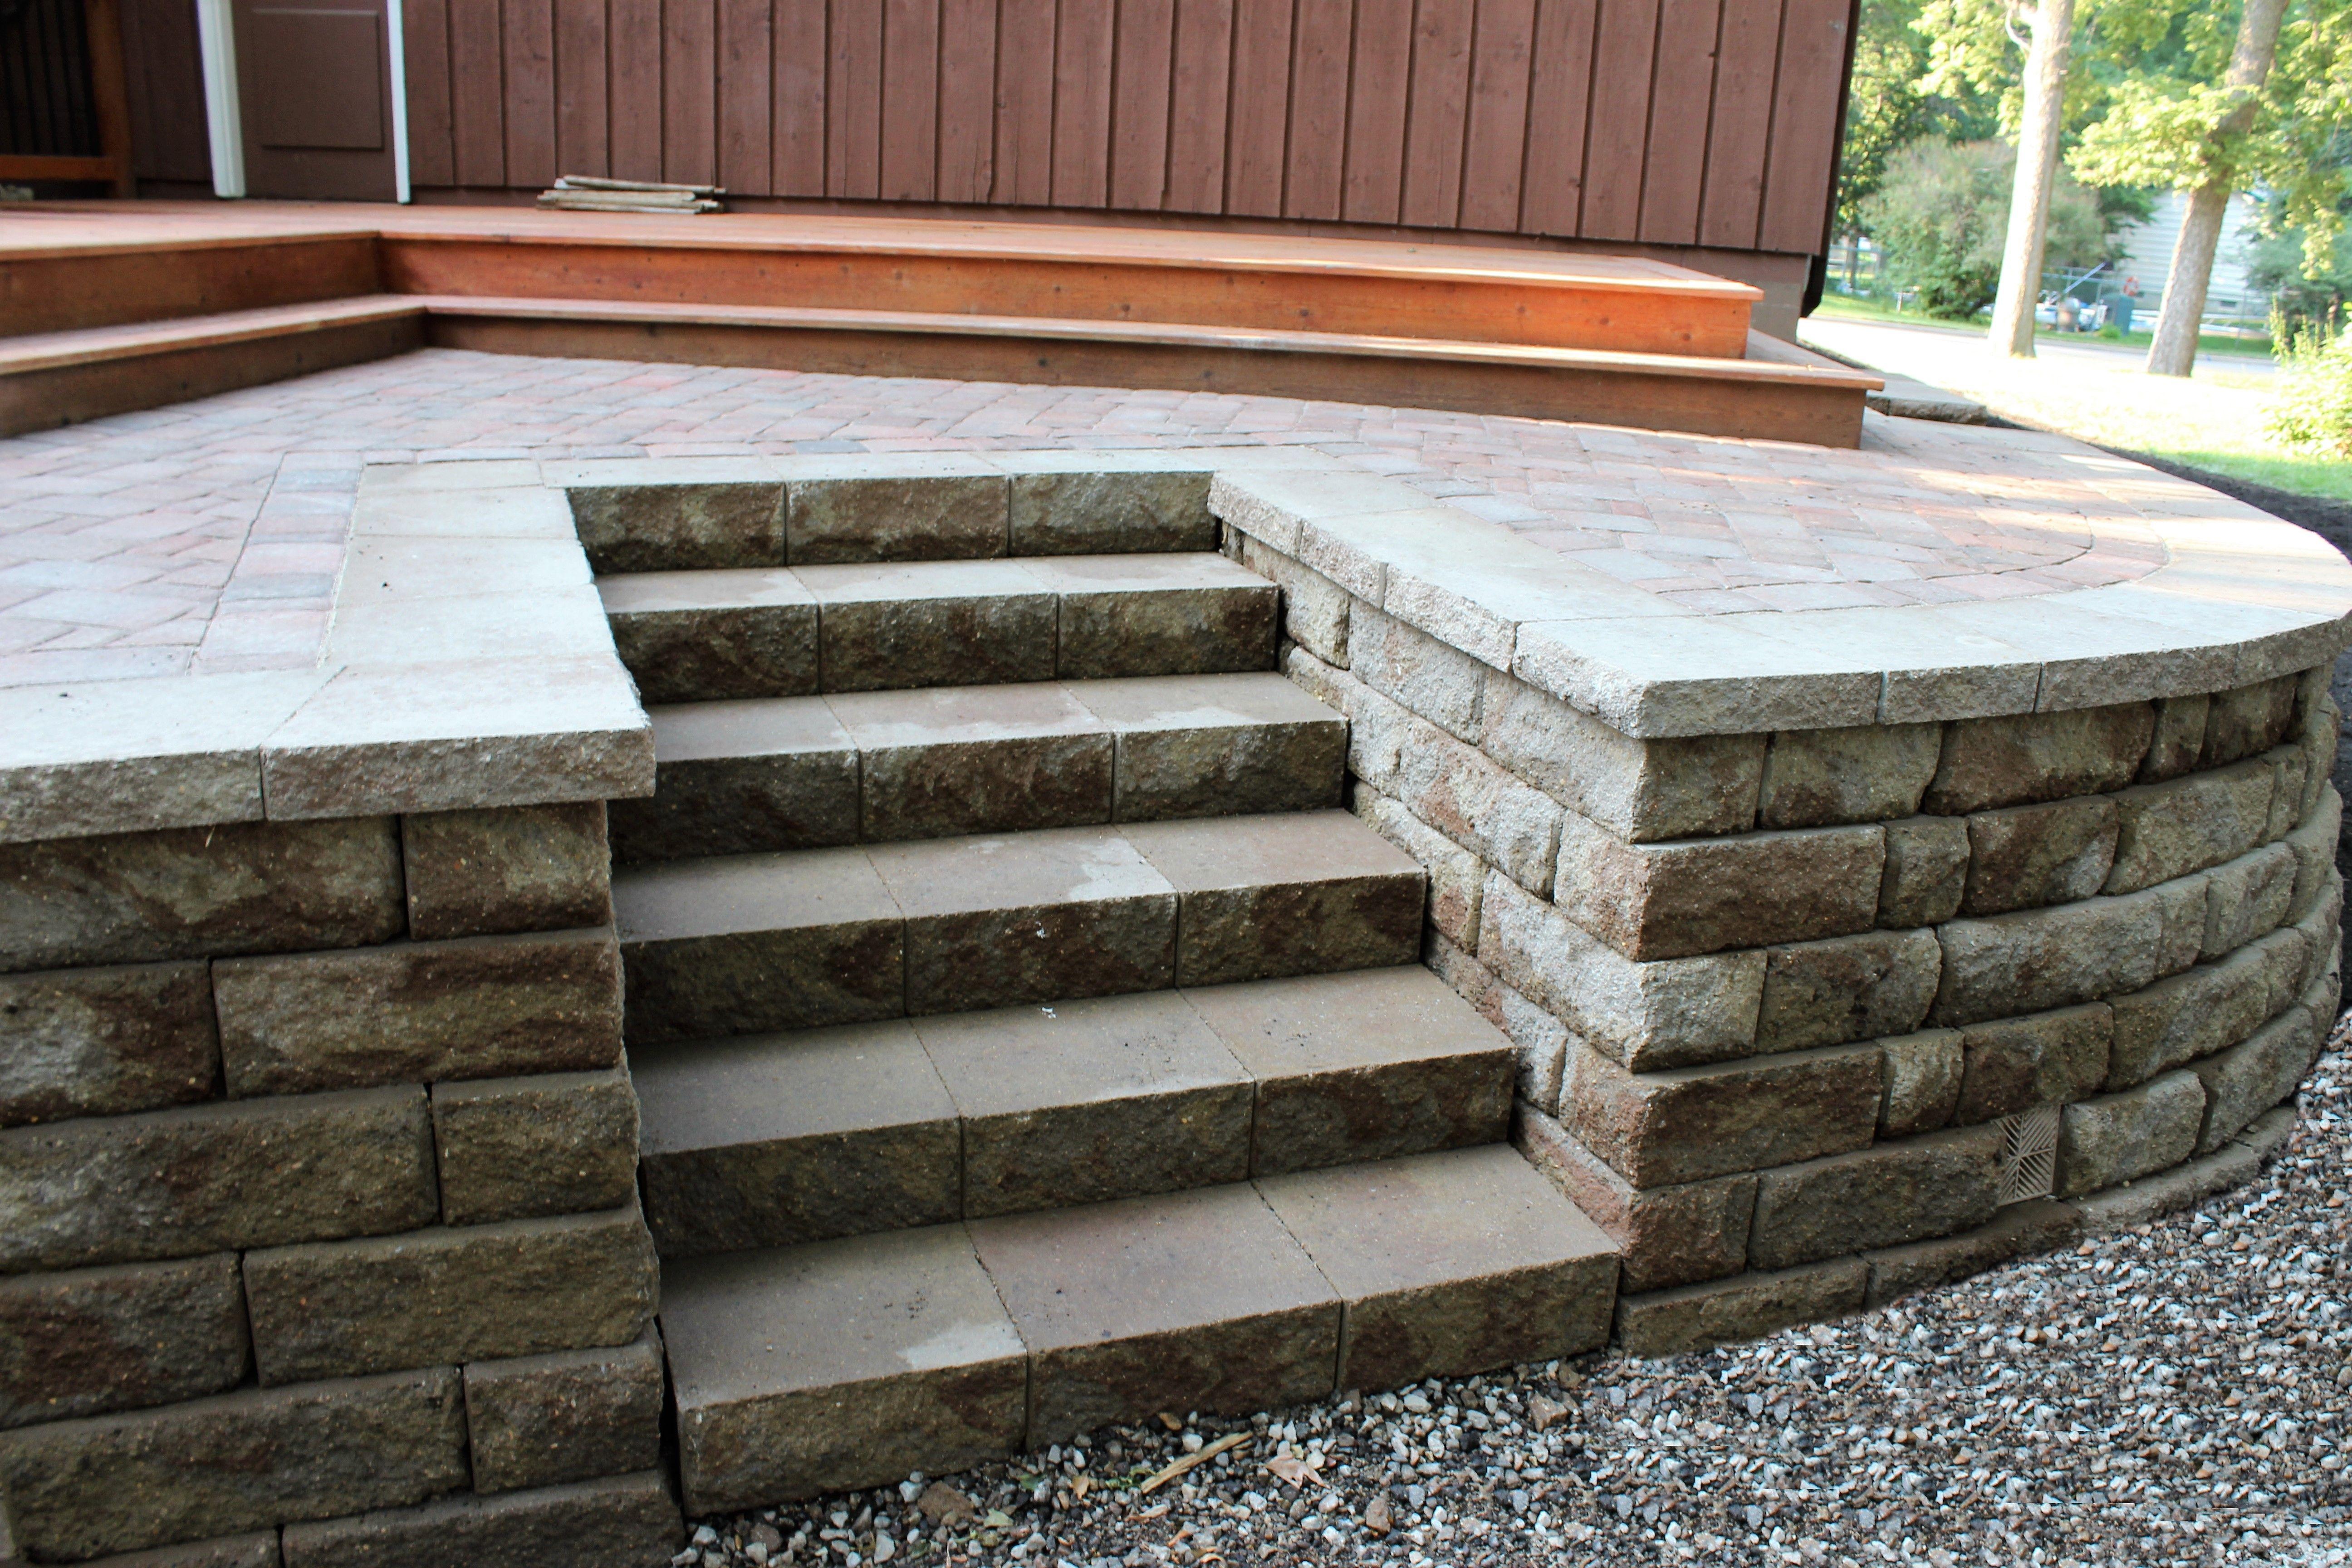 Anchor Diamond Block Retaining Wall Free Standing Seat Wall Paver Patio Patio Design Patio Installation Patio